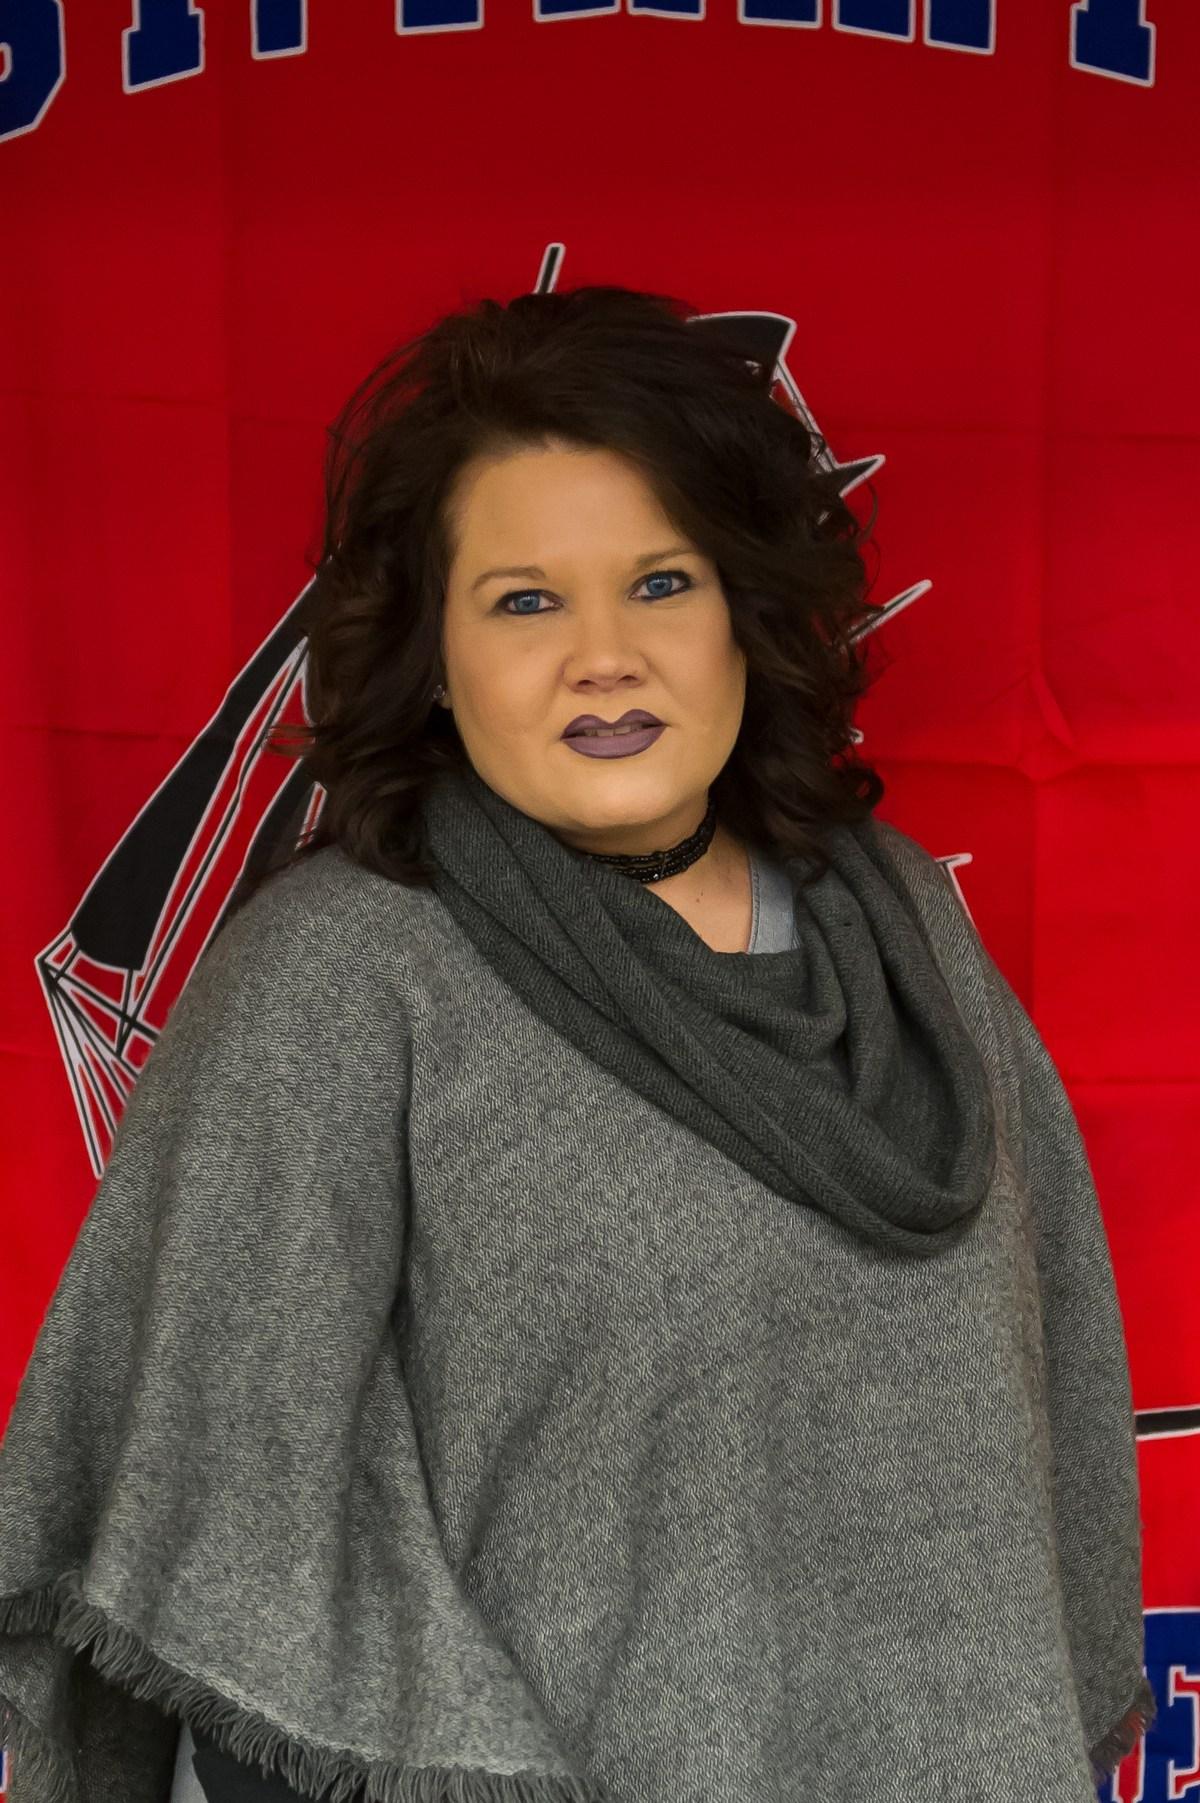 Mrs.McKee